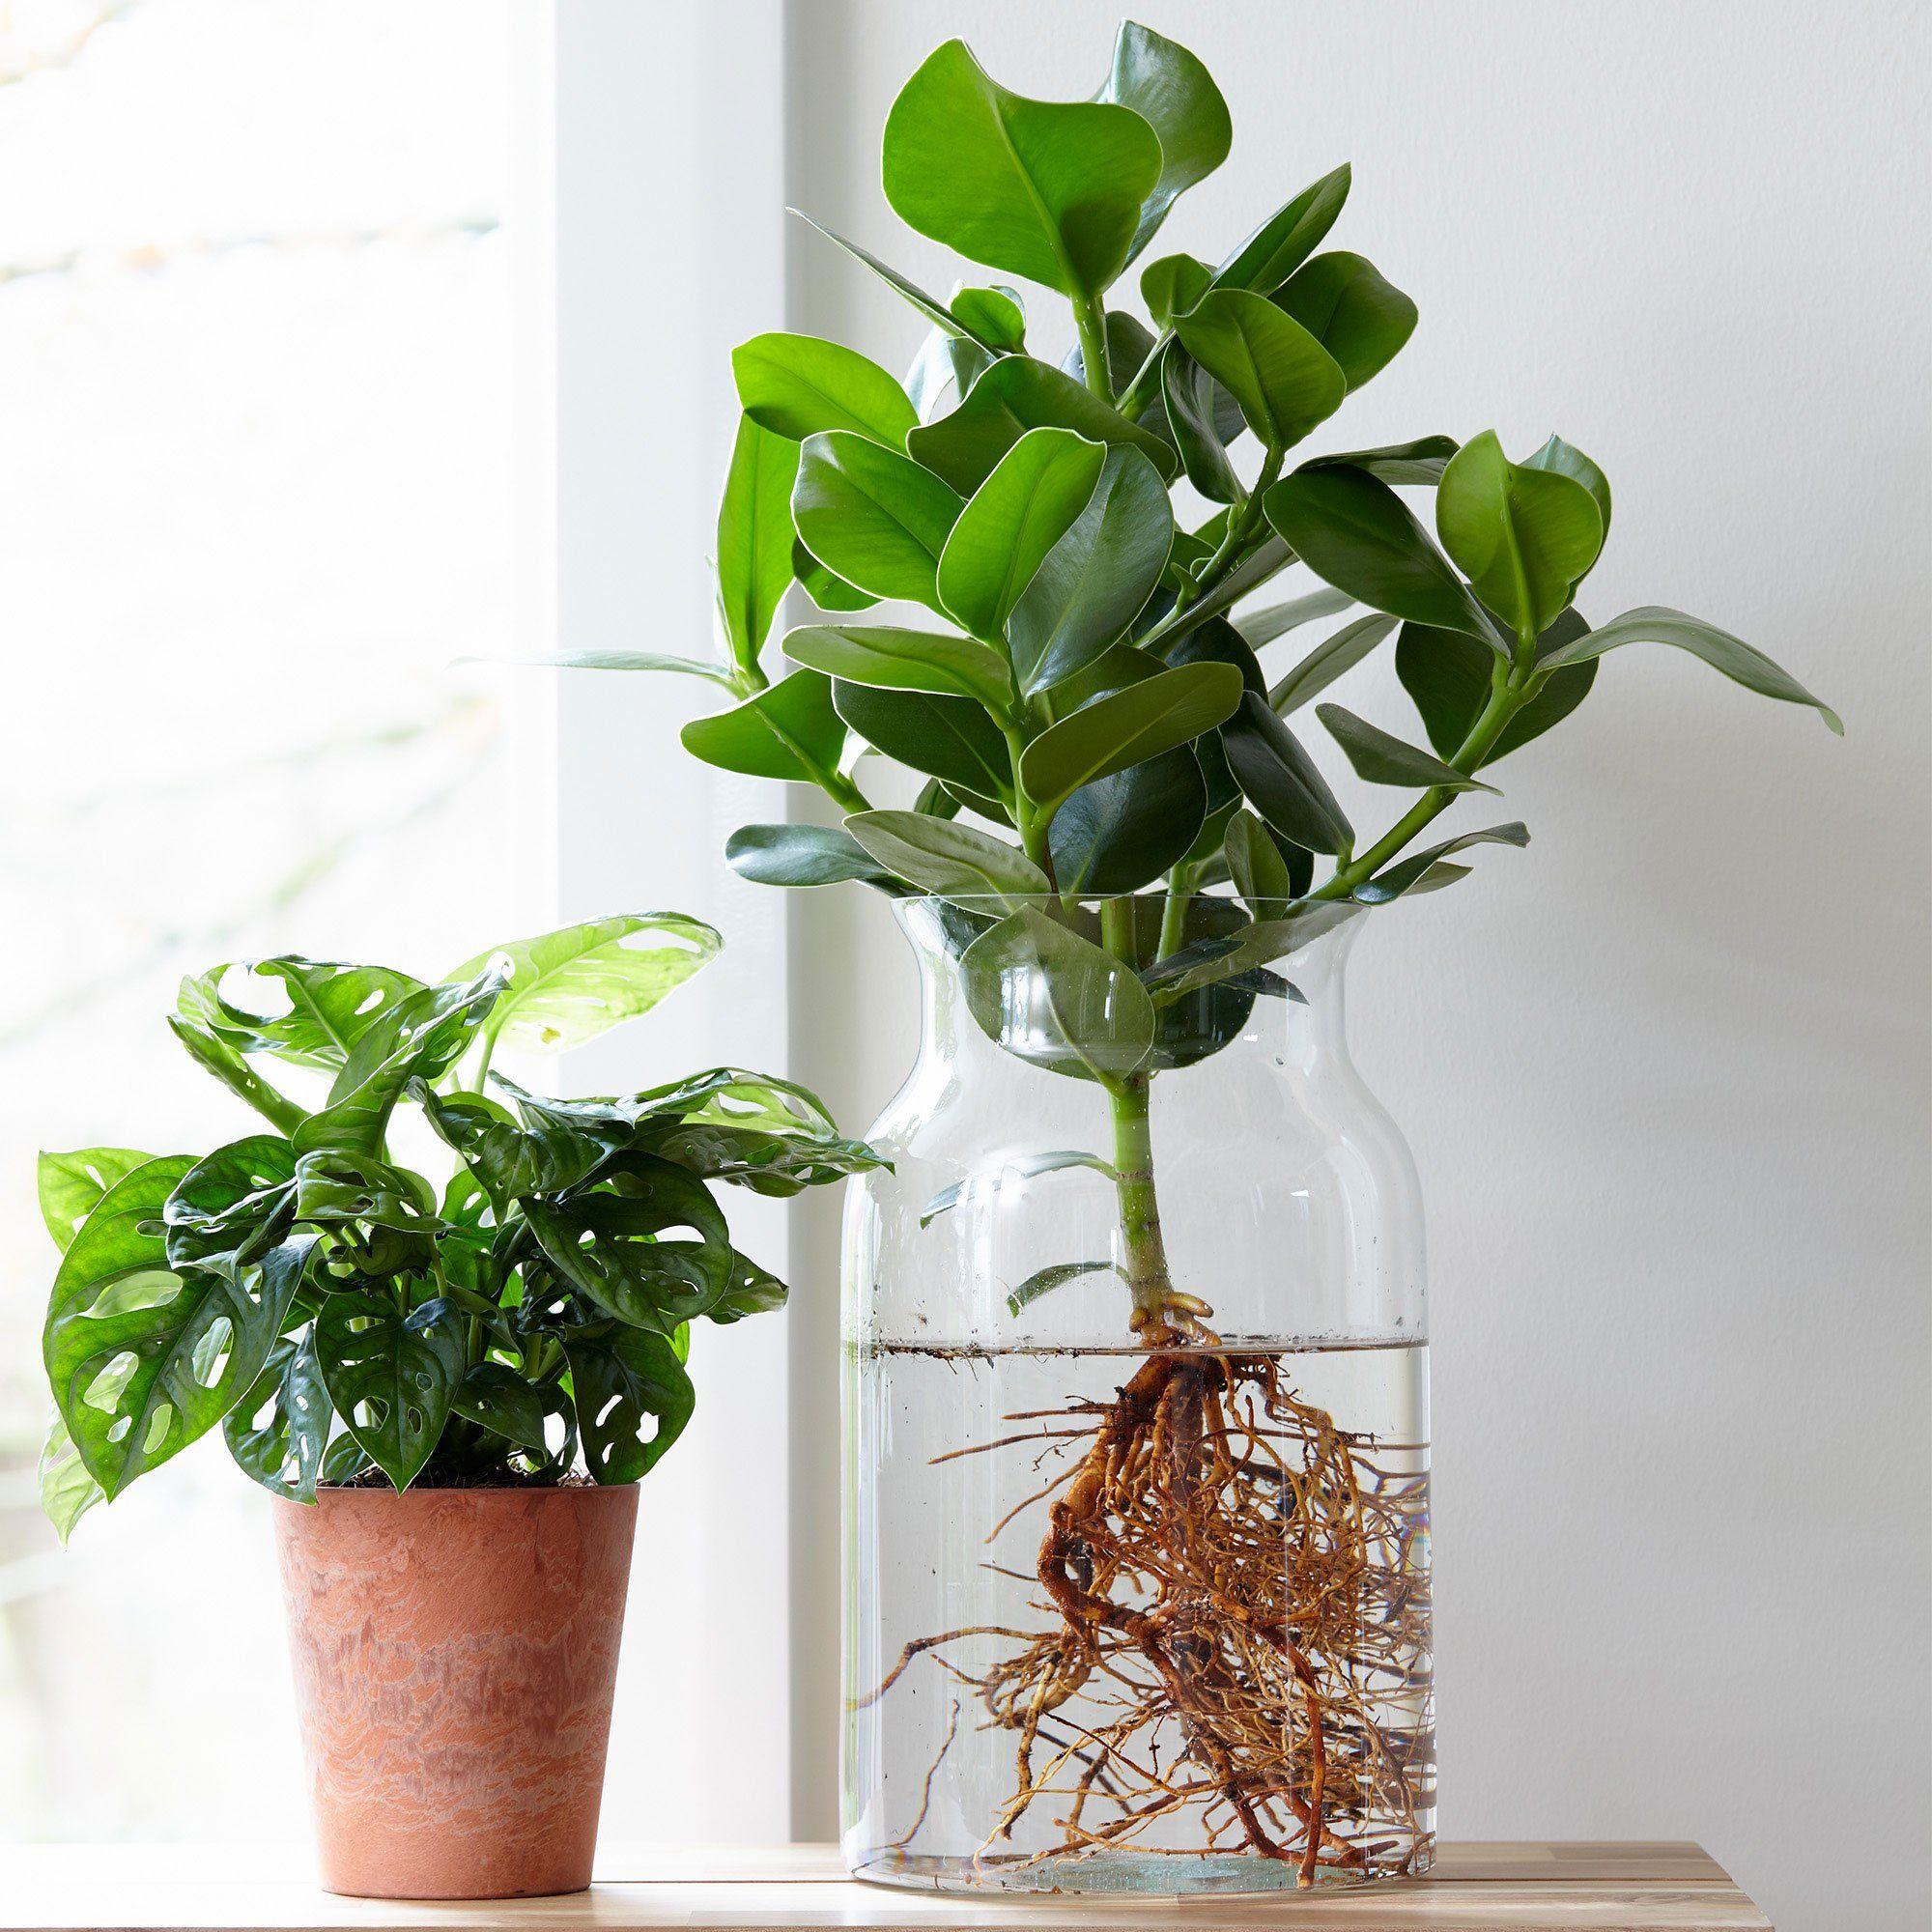 Buy house plants now Clusia 'Princess' incl. glass vase | Bakker.com